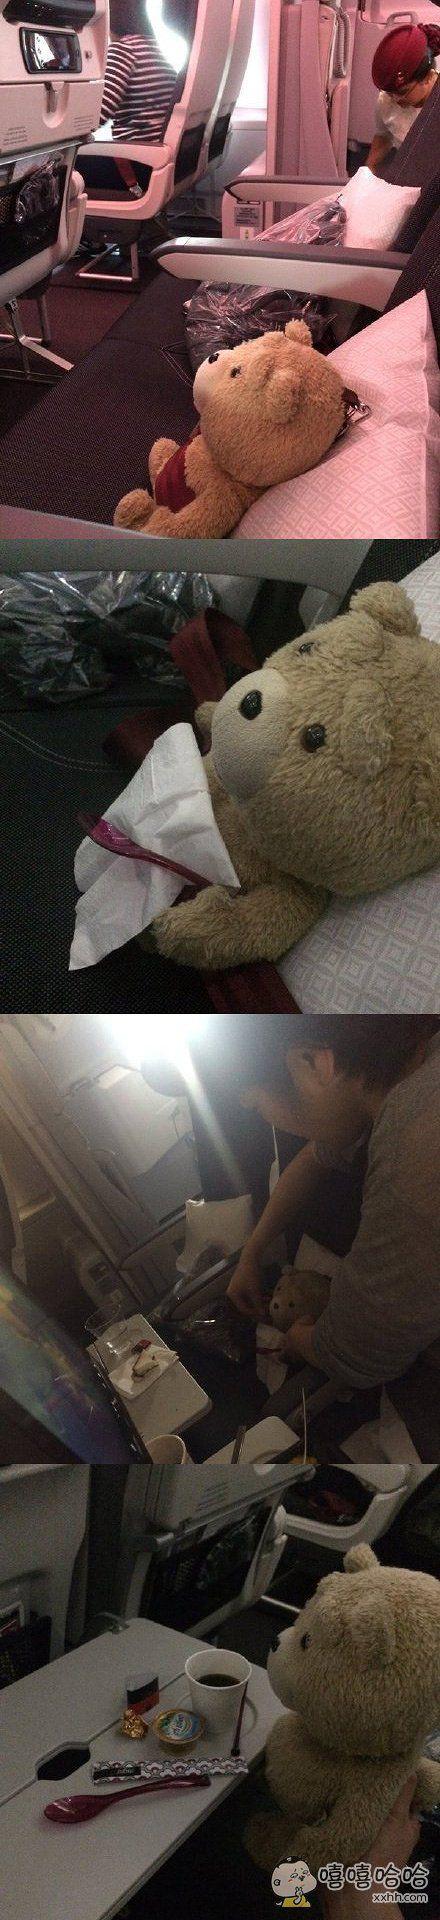 一小哥坐飞机去法国,看旁边空着就把玩具熊放座位上了,空乘姐姐不仅没吐槽,还提供了餐巾、三明治、纯净水,饭后还上了咖啡……这服务态度,下次我要带泰迪去